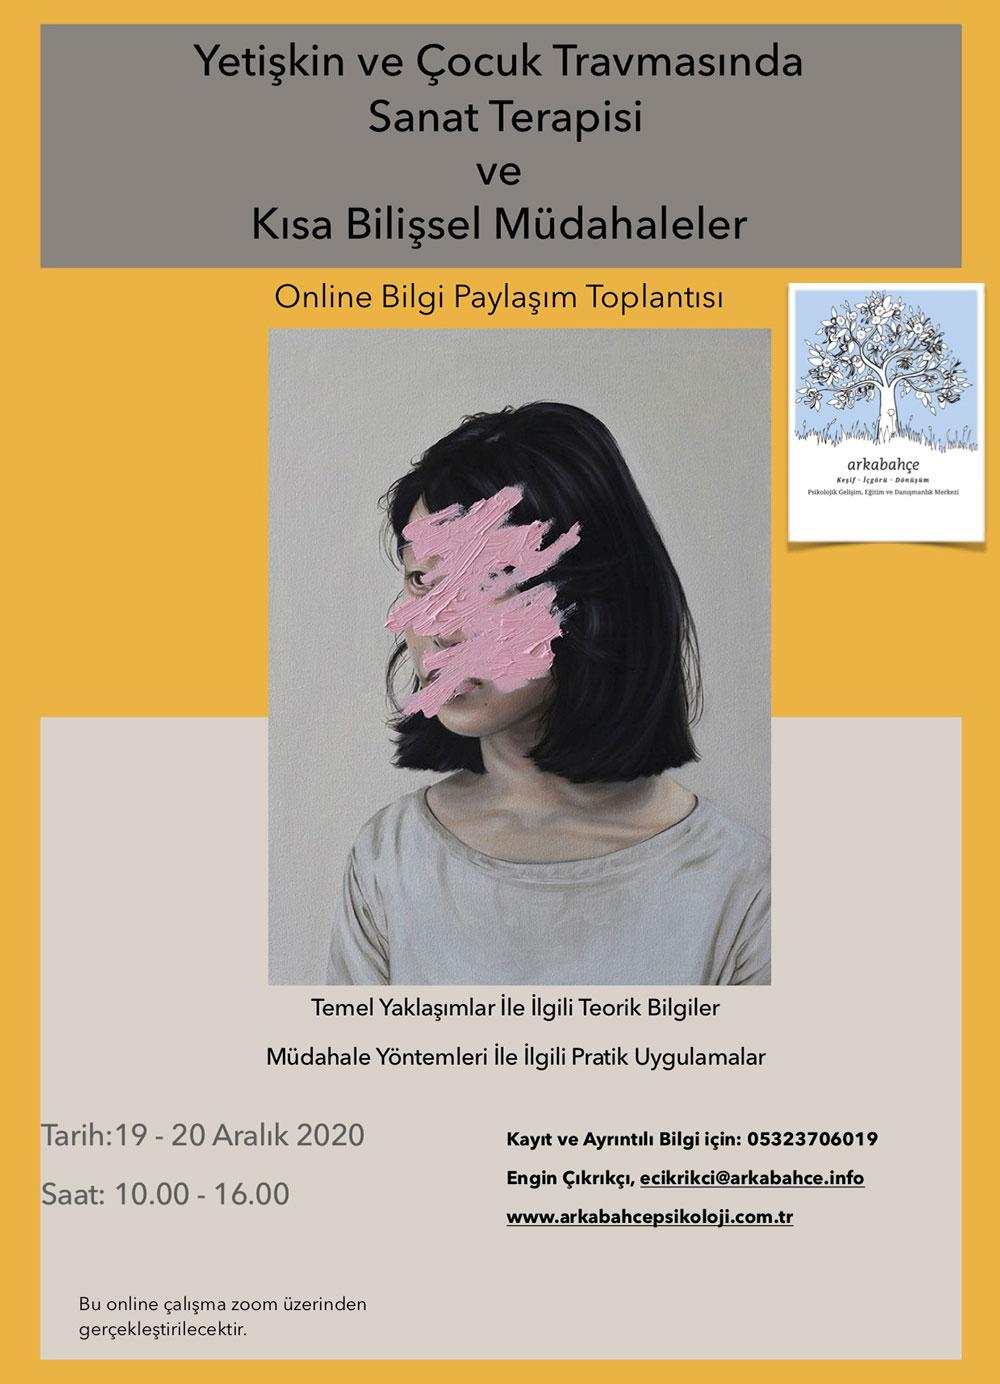 Yetişkin ve Çocuk Travmasında Sanat Terapisi ve Kısa Bilişsel Müdahalelerin Kullanımı